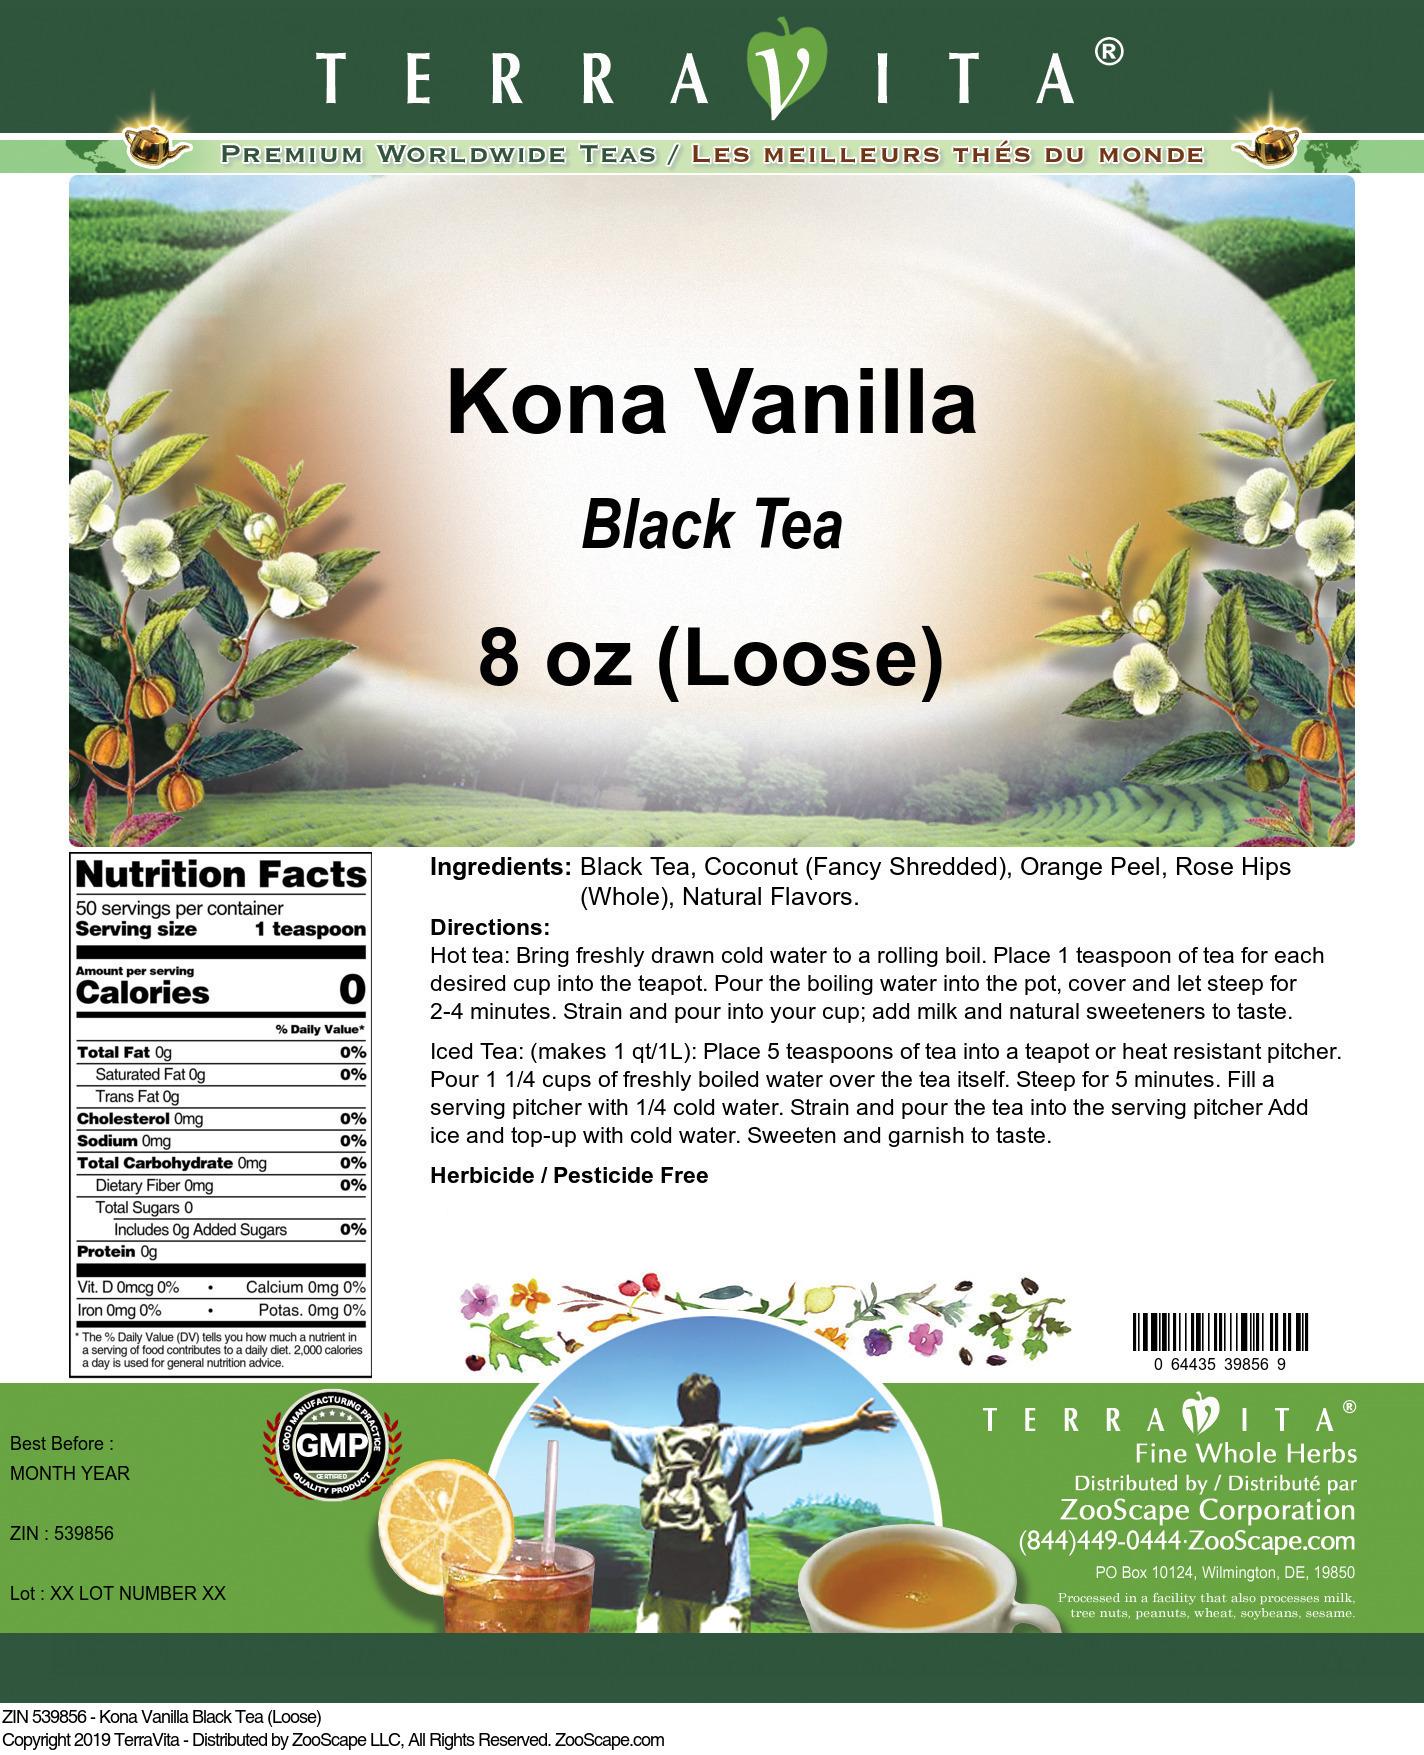 Kona Vanilla Black Tea (Loose)